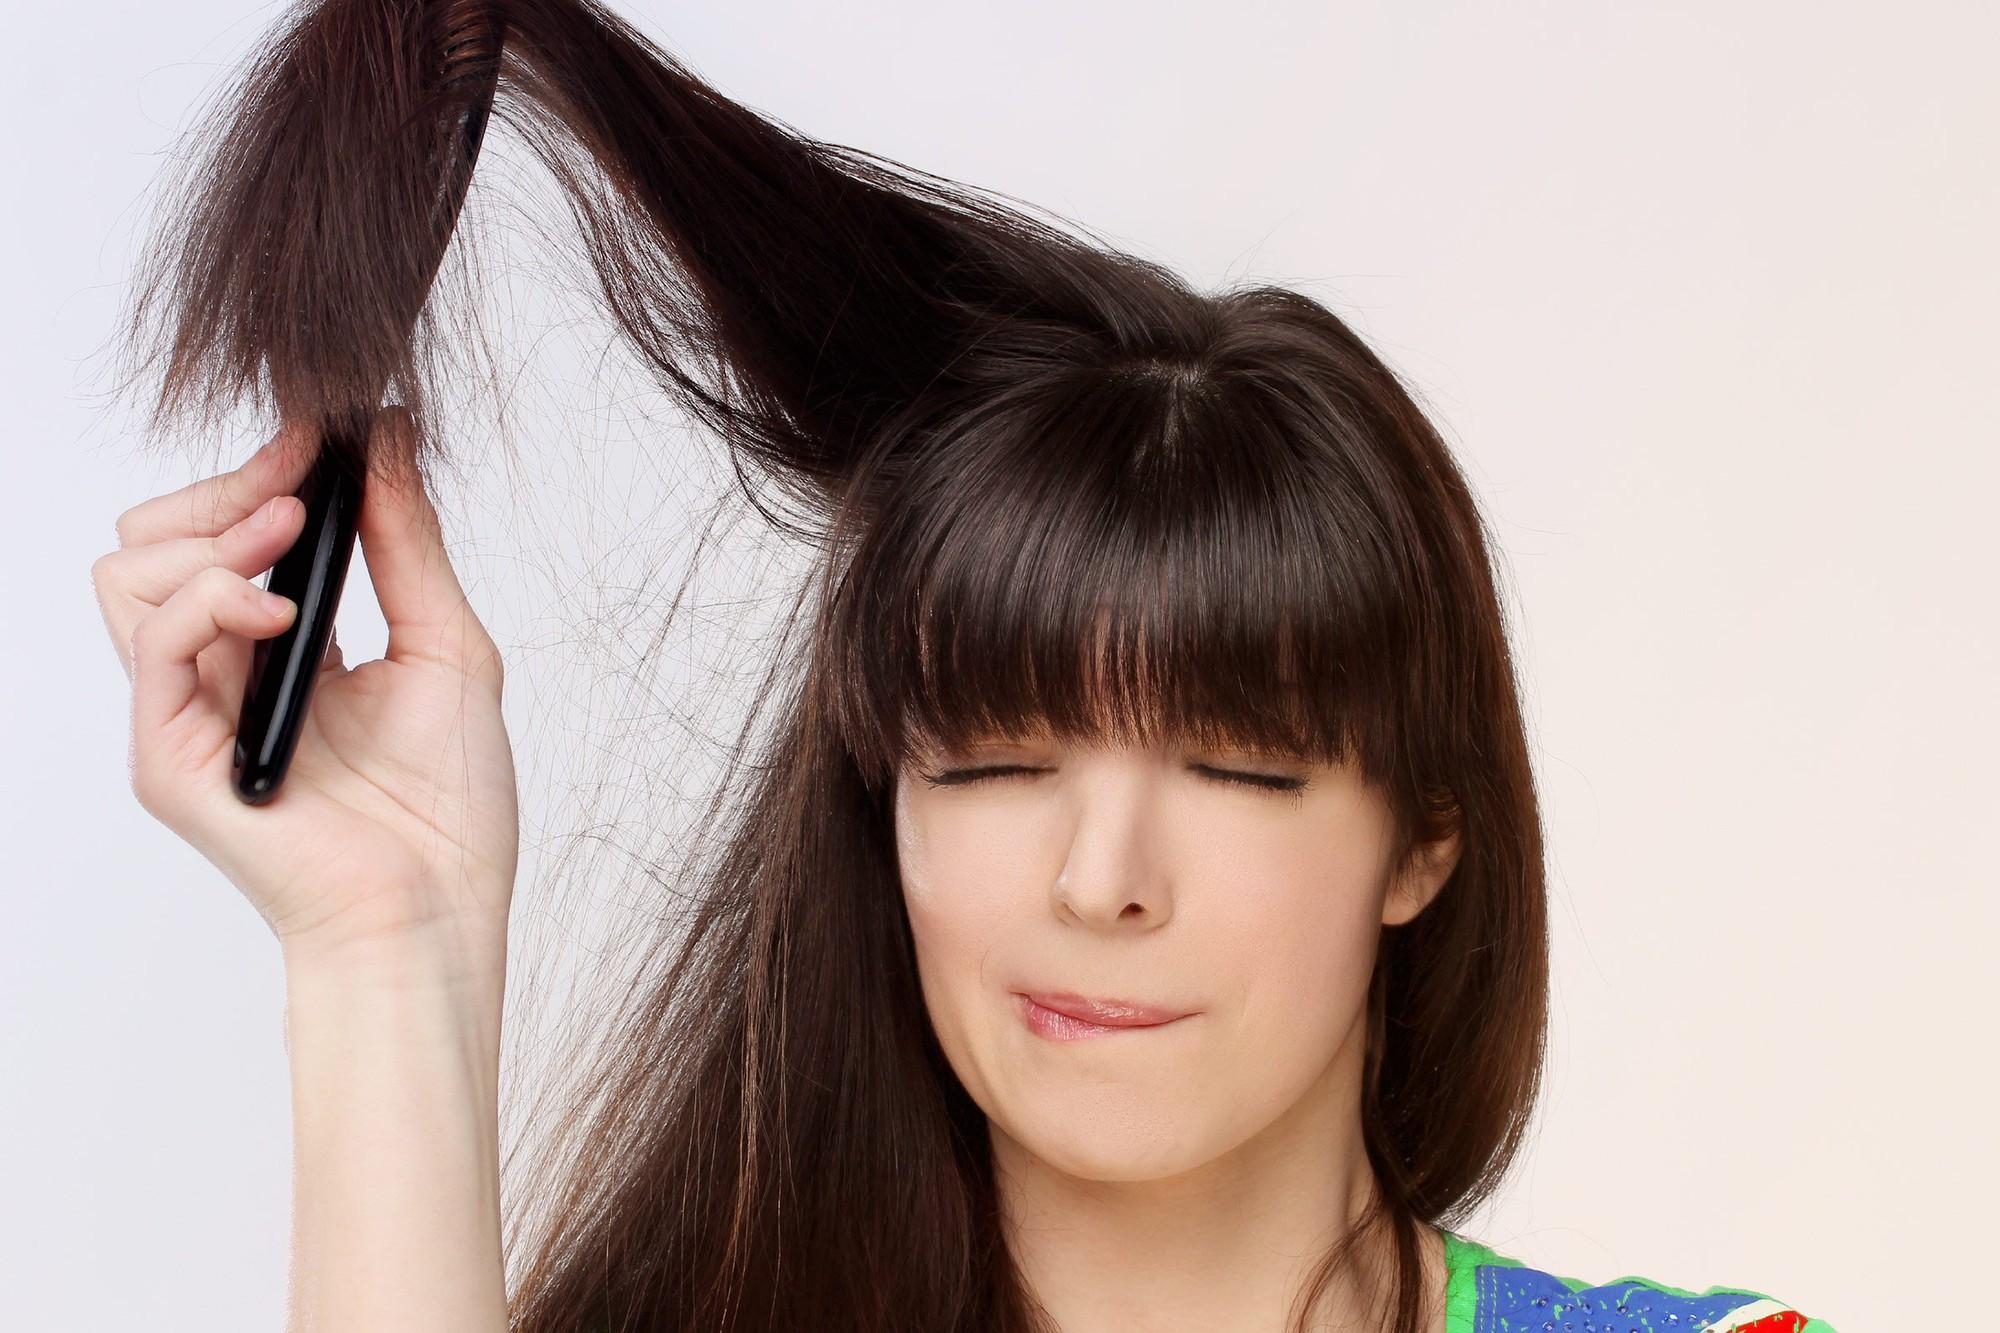 5 thói quen xấu khiến mái tóc nhanh gãy rụng mà con gái chẳng hề hay biết - Ảnh 2.